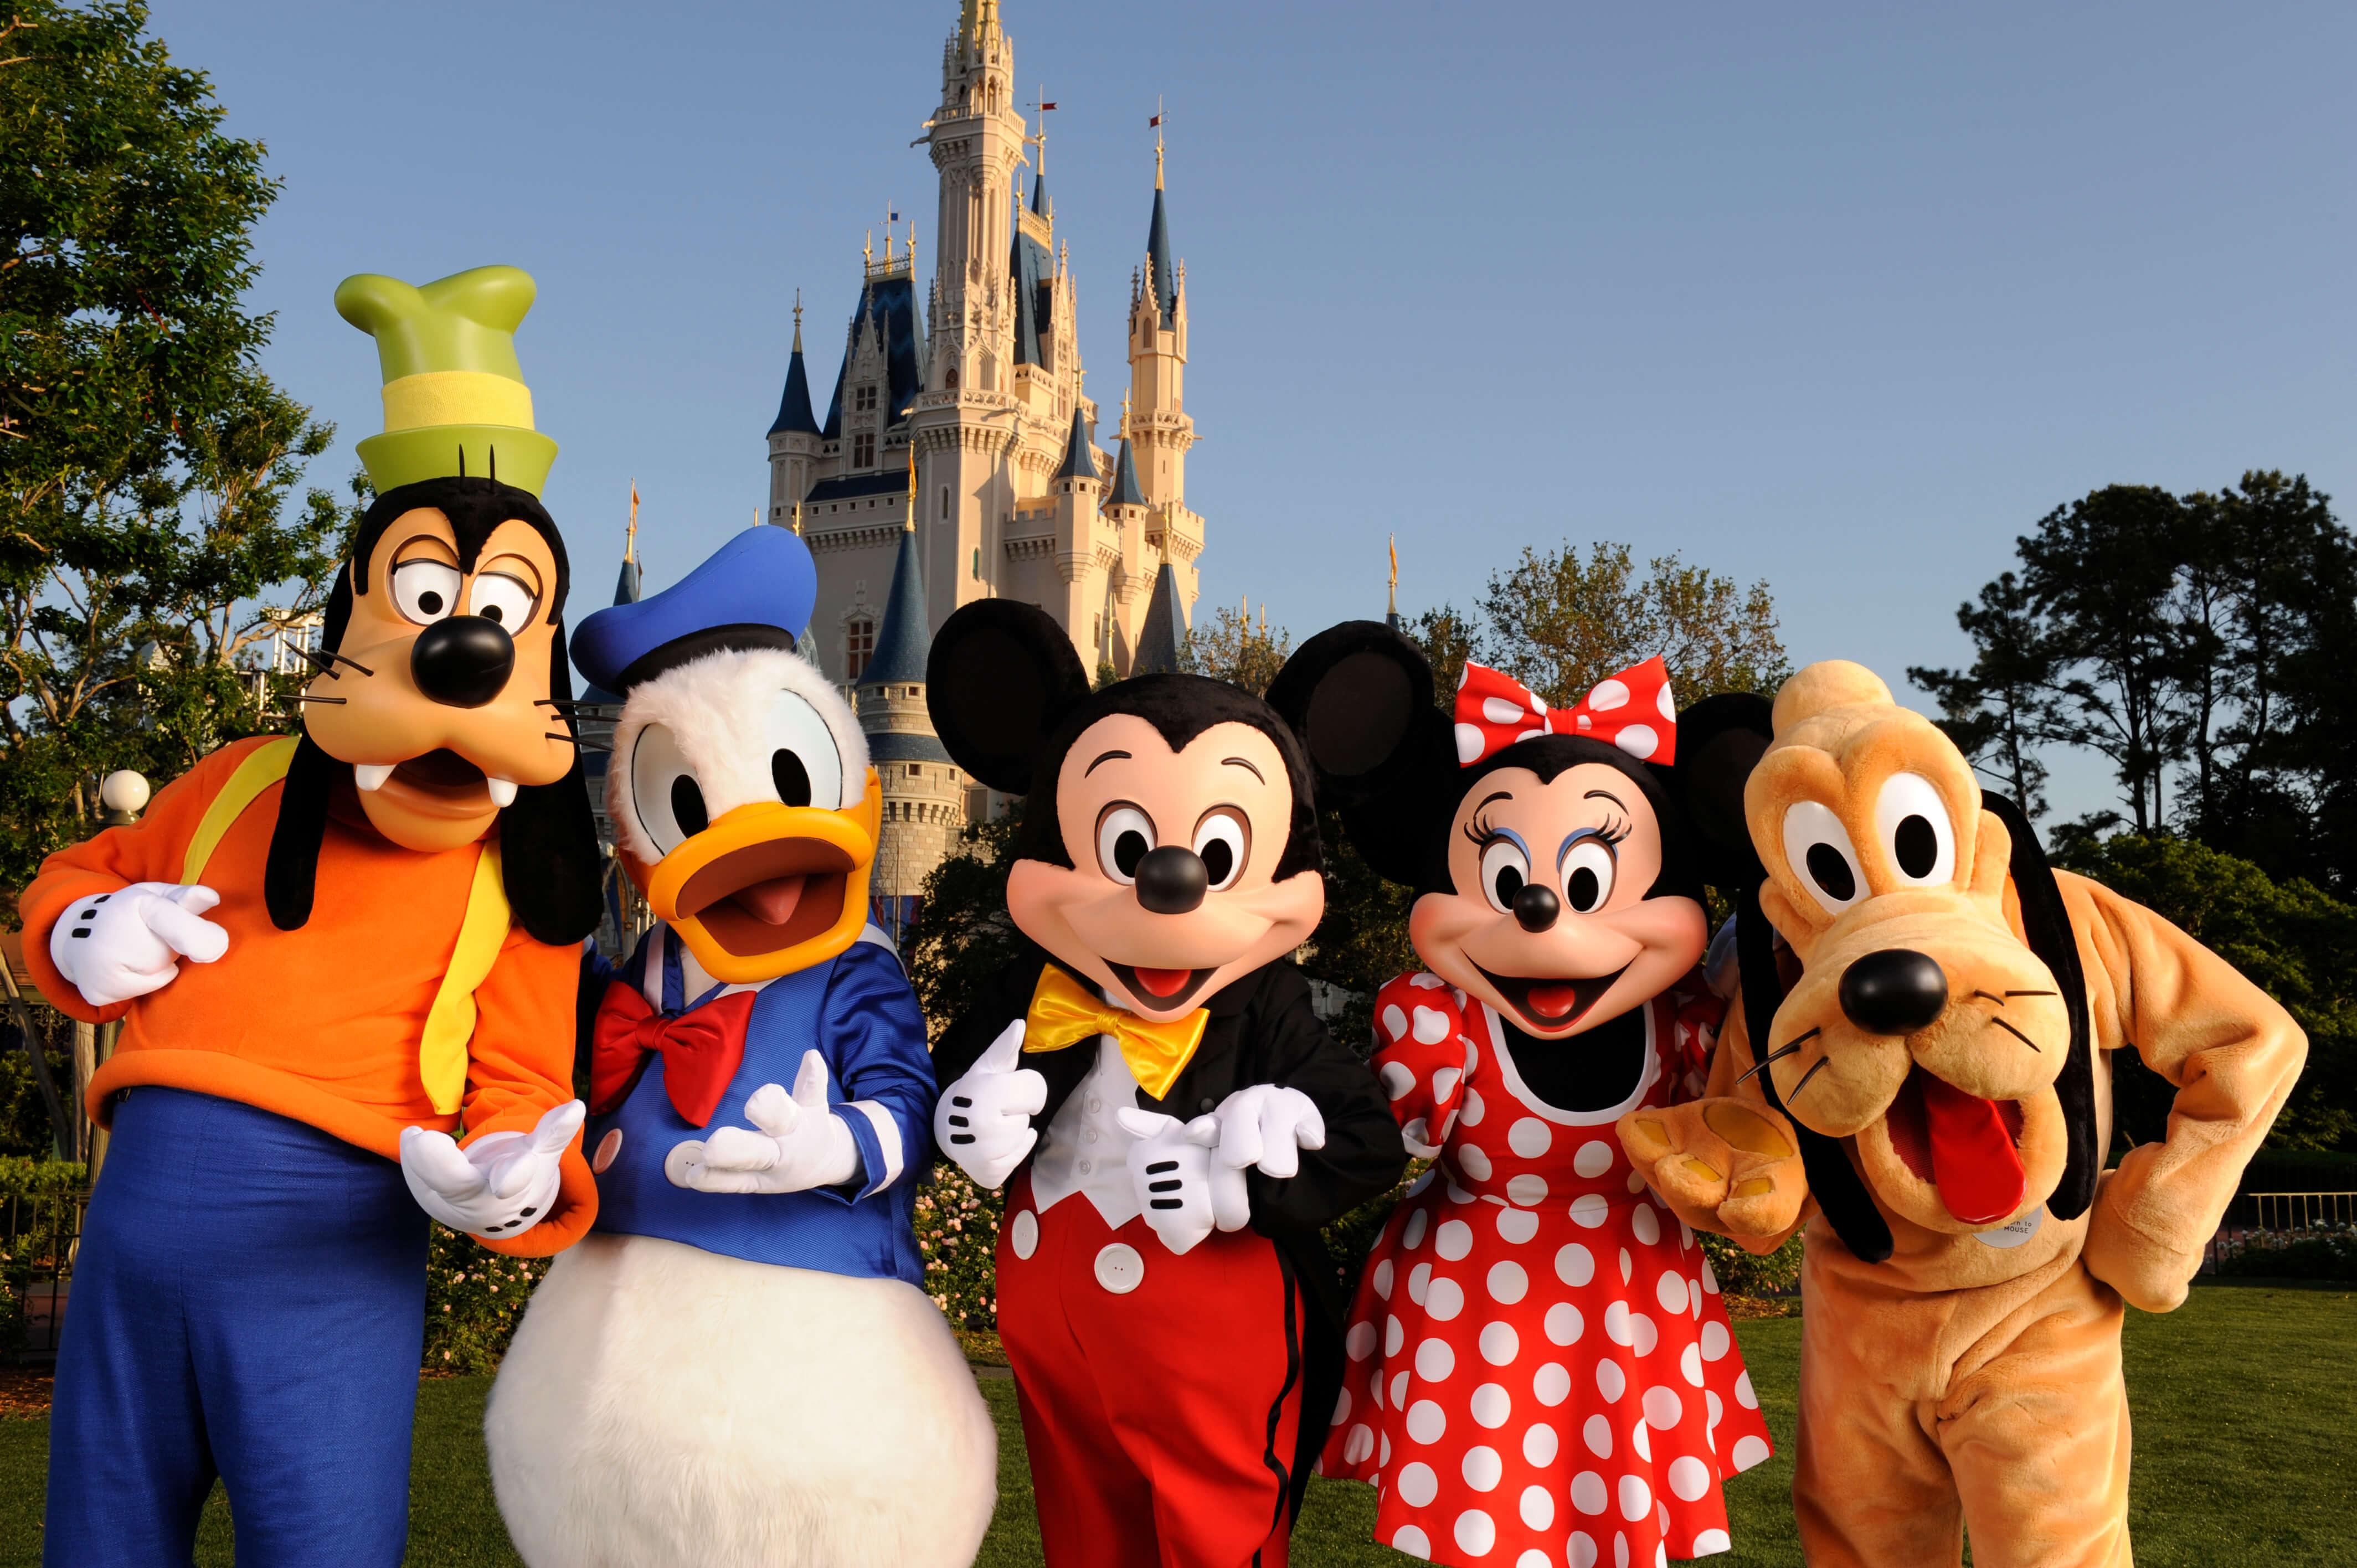 Brinquedos e atrações em manutenção em Orlando em 2019